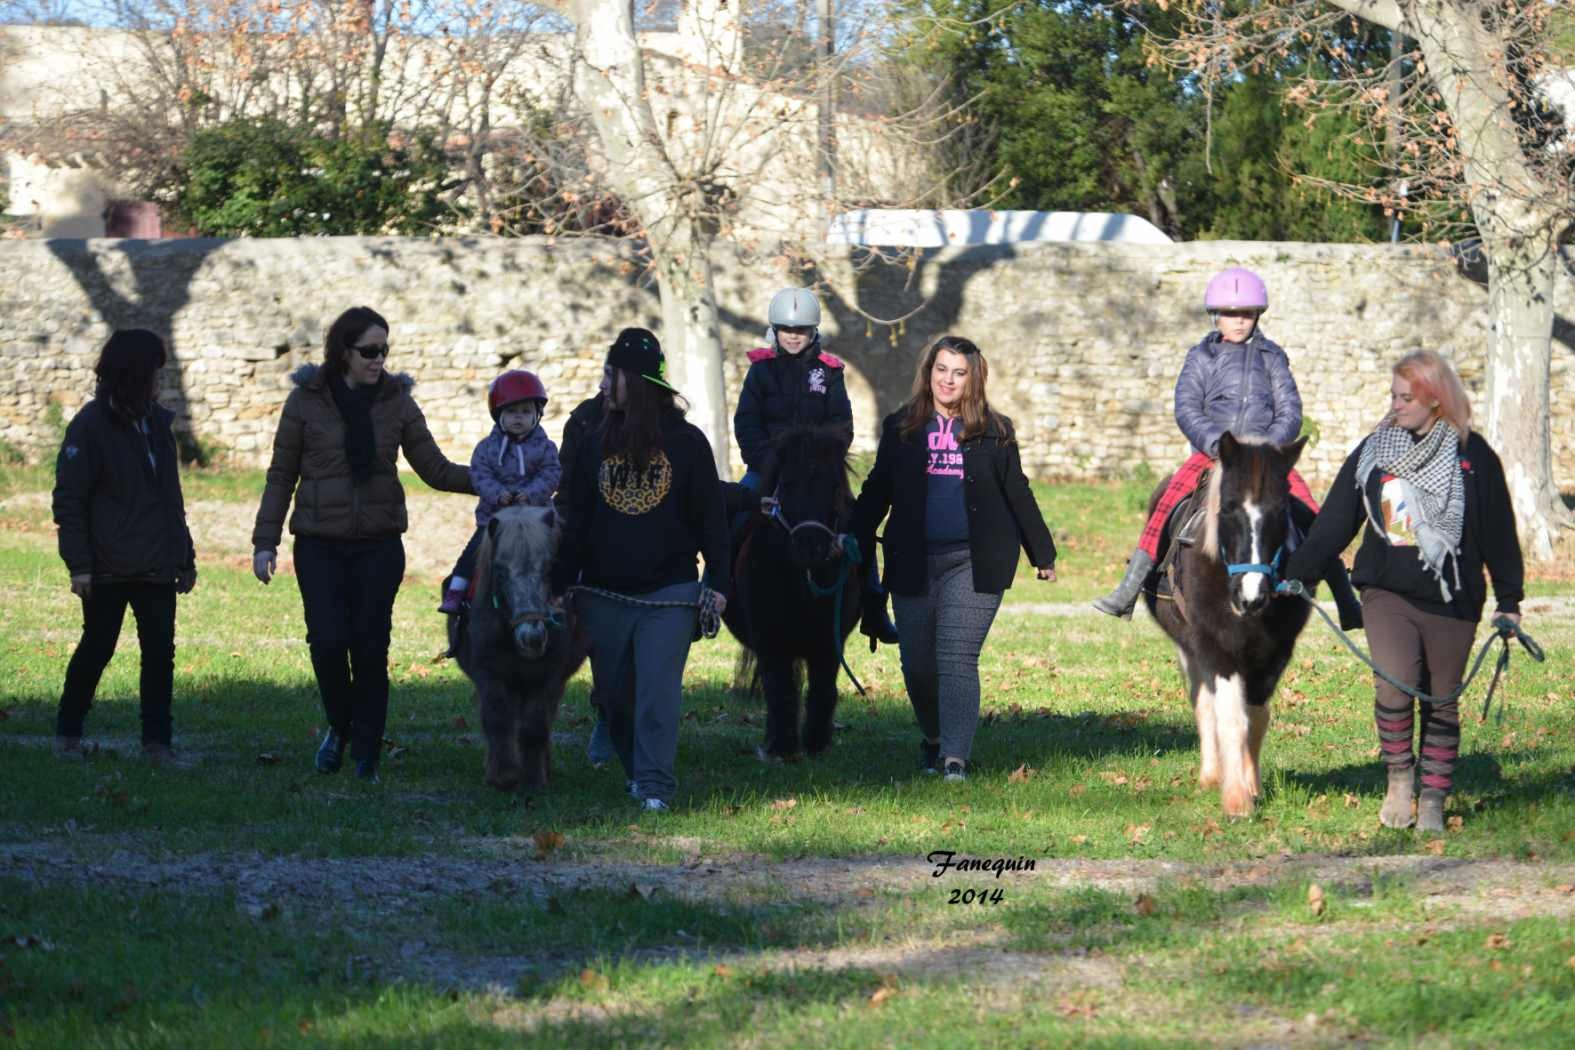 Marchés de Noël 2014 - Promenades en Poneys à Pignan - 08